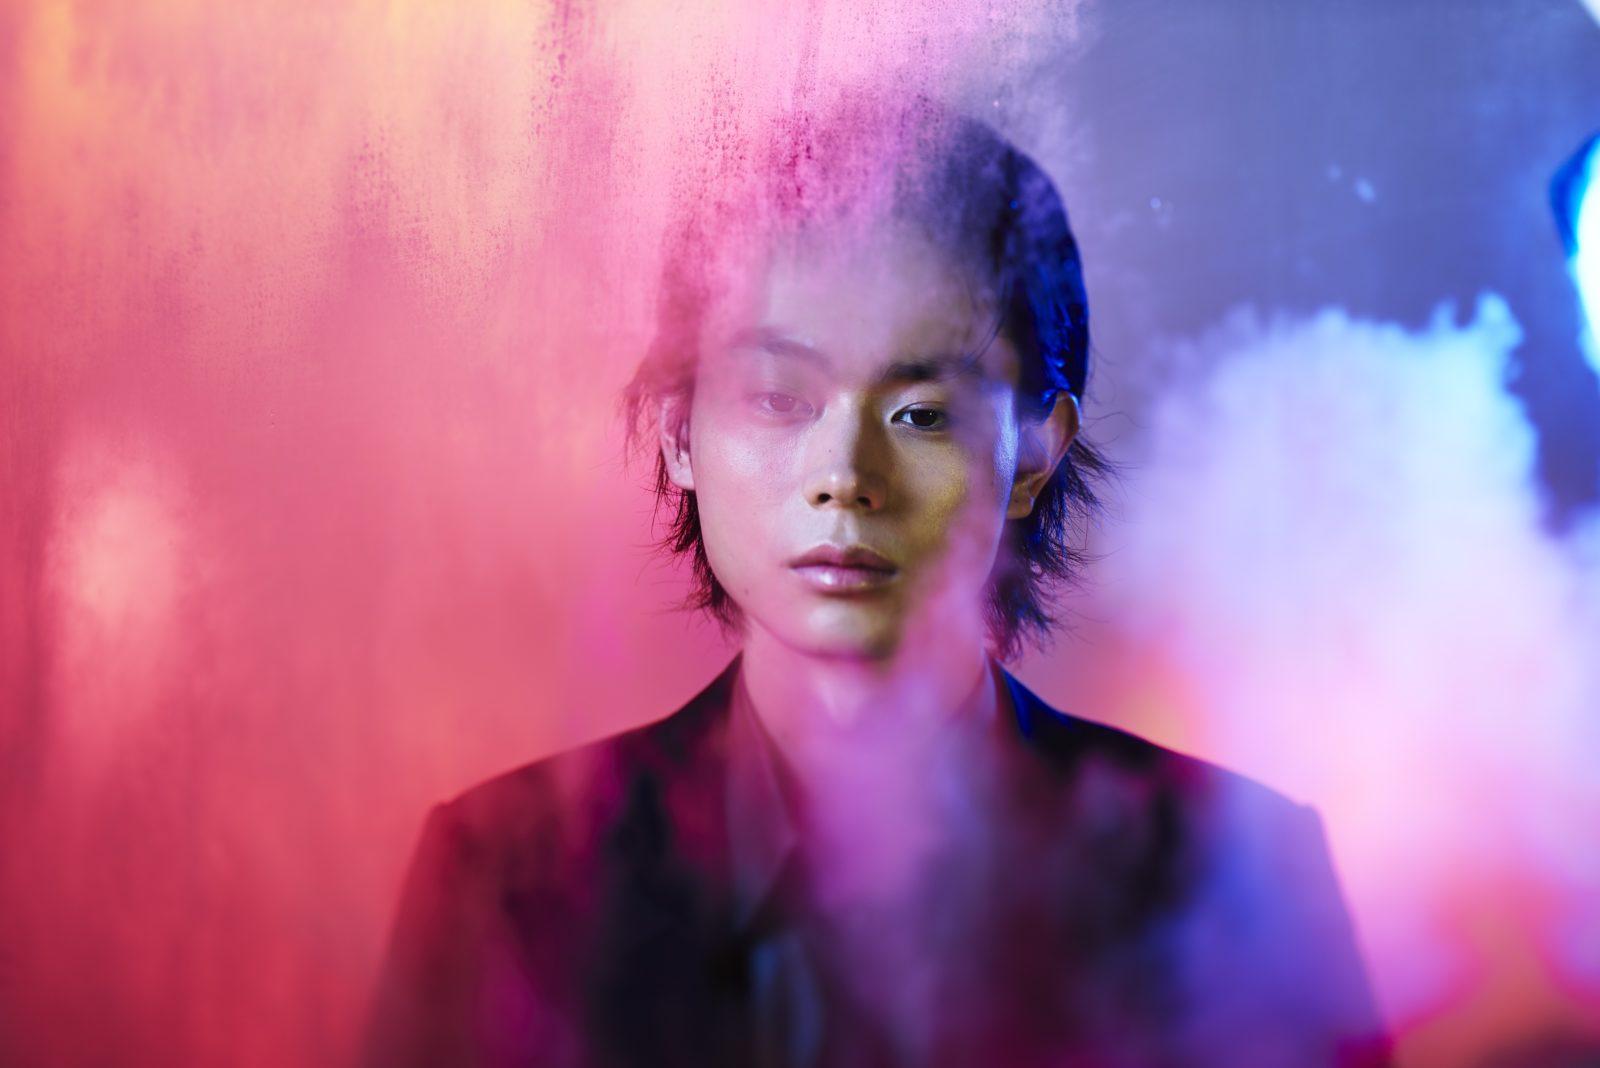 菅田将暉、新曲「呼吸」アートワーク公開!サムネイル画像